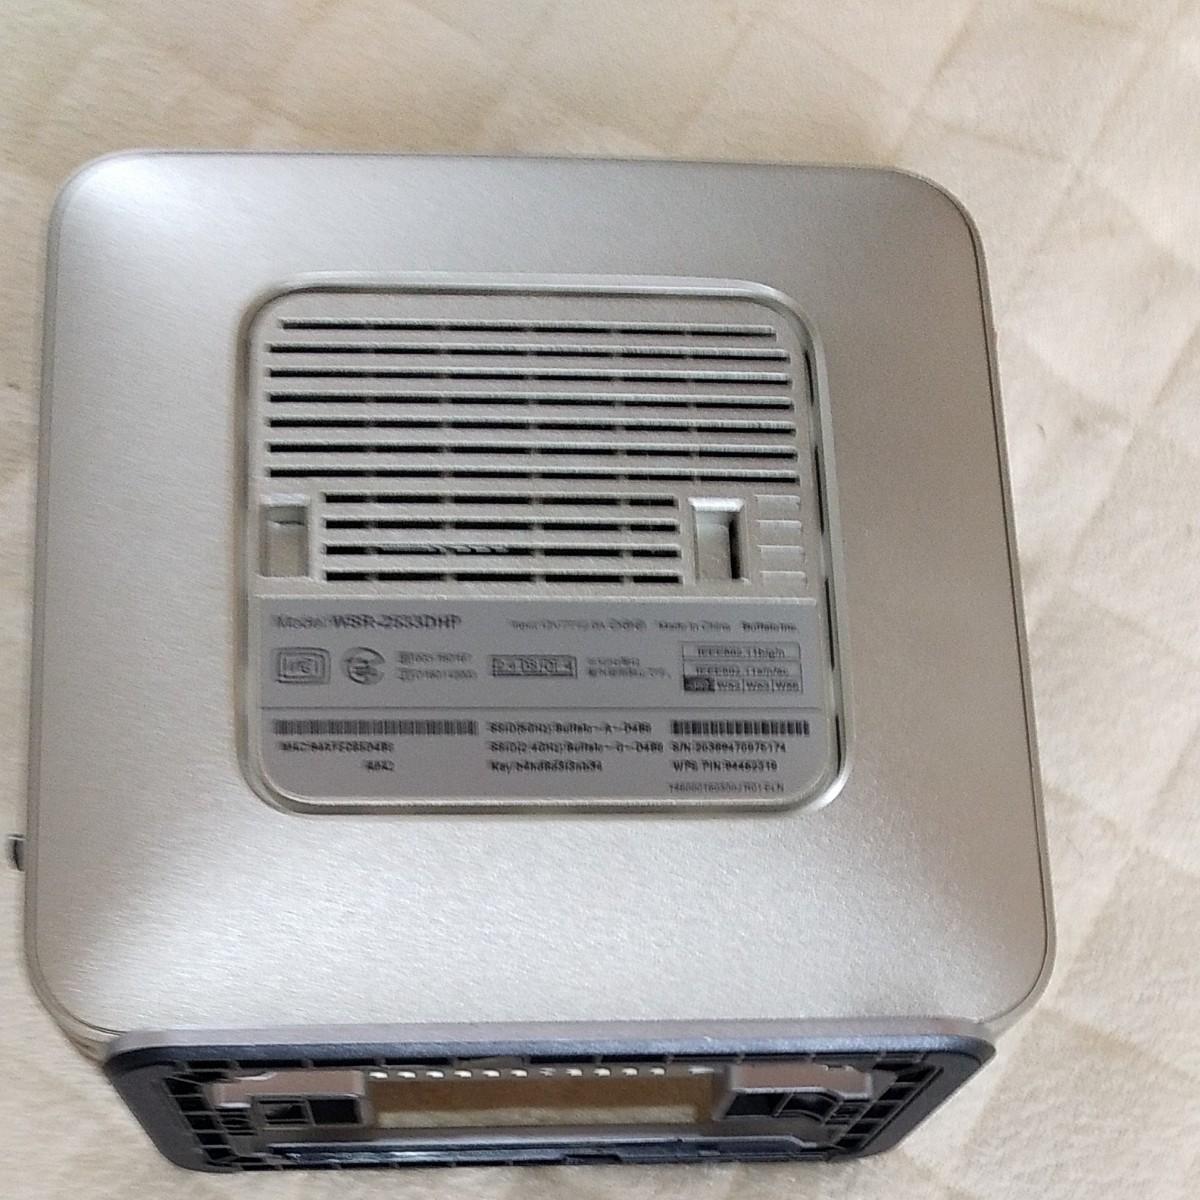 BUFFALO 無線LAN 無線LANルーター WSR-2533DHP シャンパンゴールド